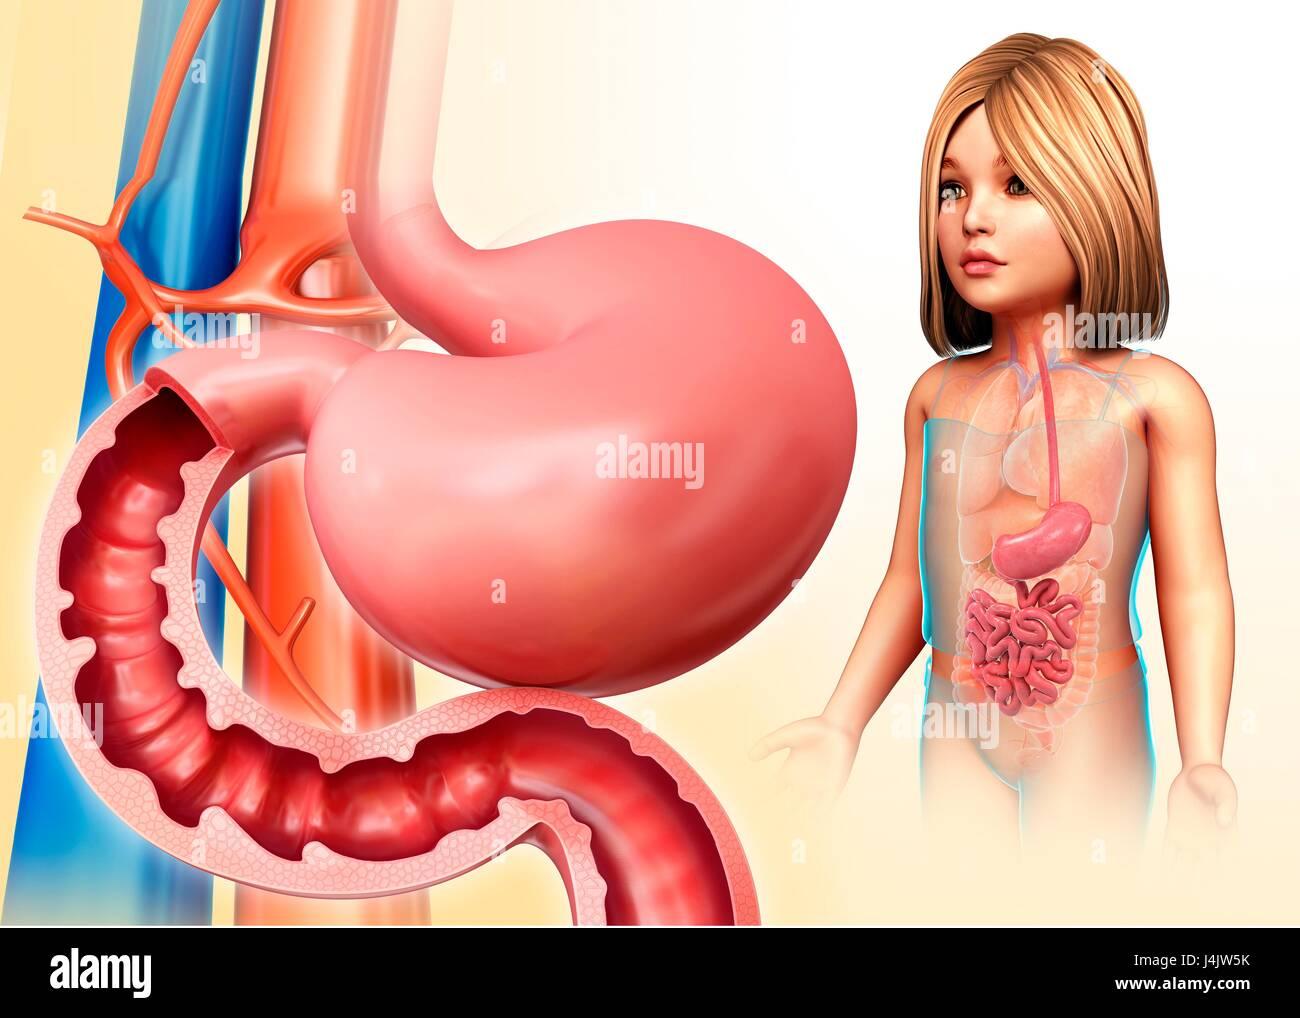 Abbildung: Magen und Zwölffingerdarm eines Kindes Stockfoto, Bild ...